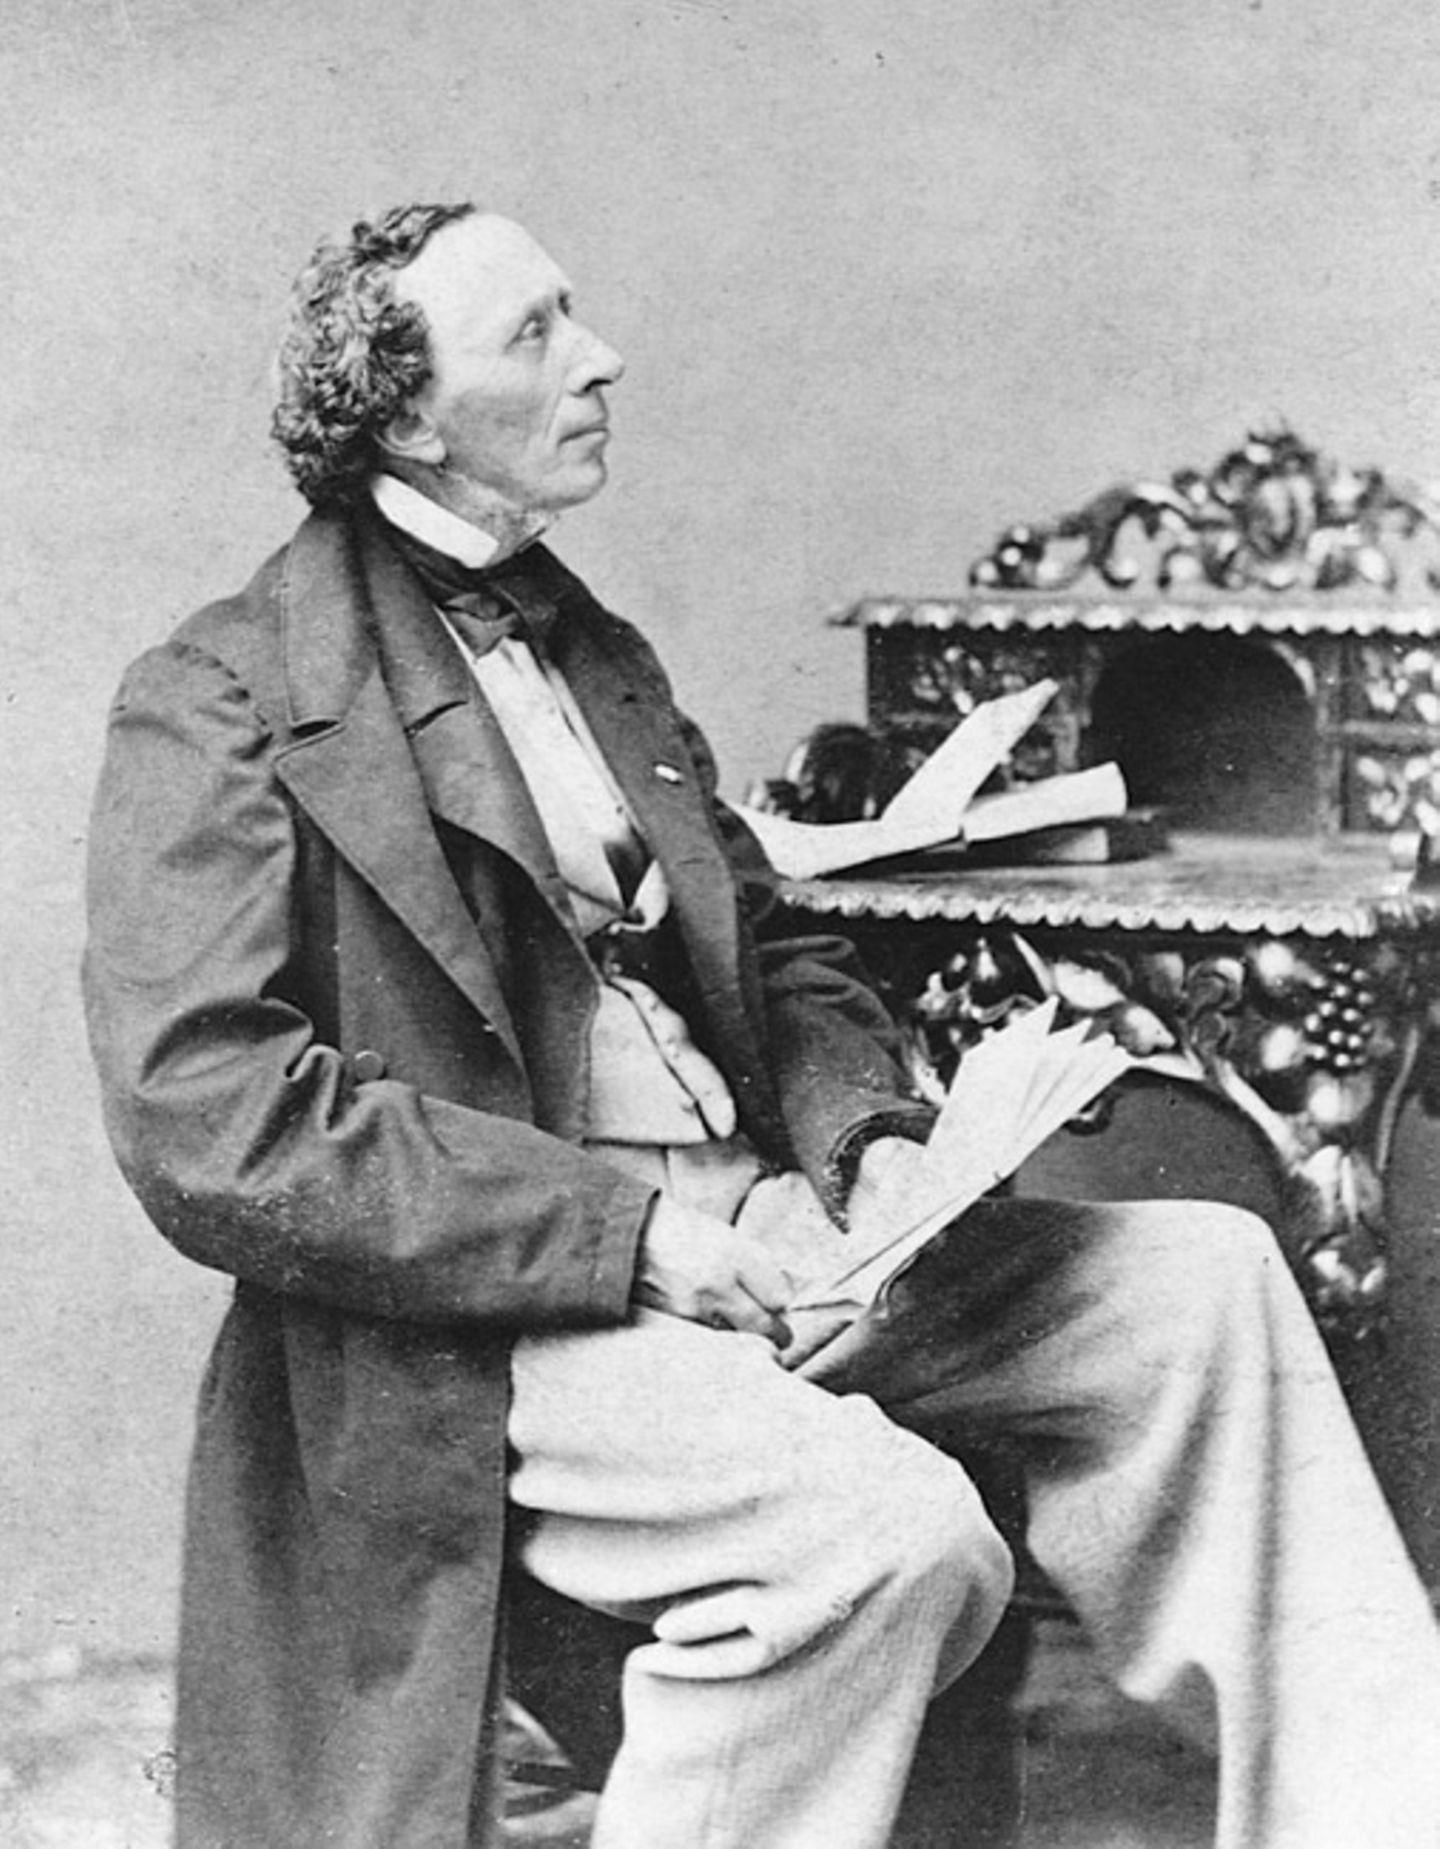 Weltveränderer: Hans Christian Andersen arbeitete sich vom armen Jungen zum erfolgreichen Autoren hoch